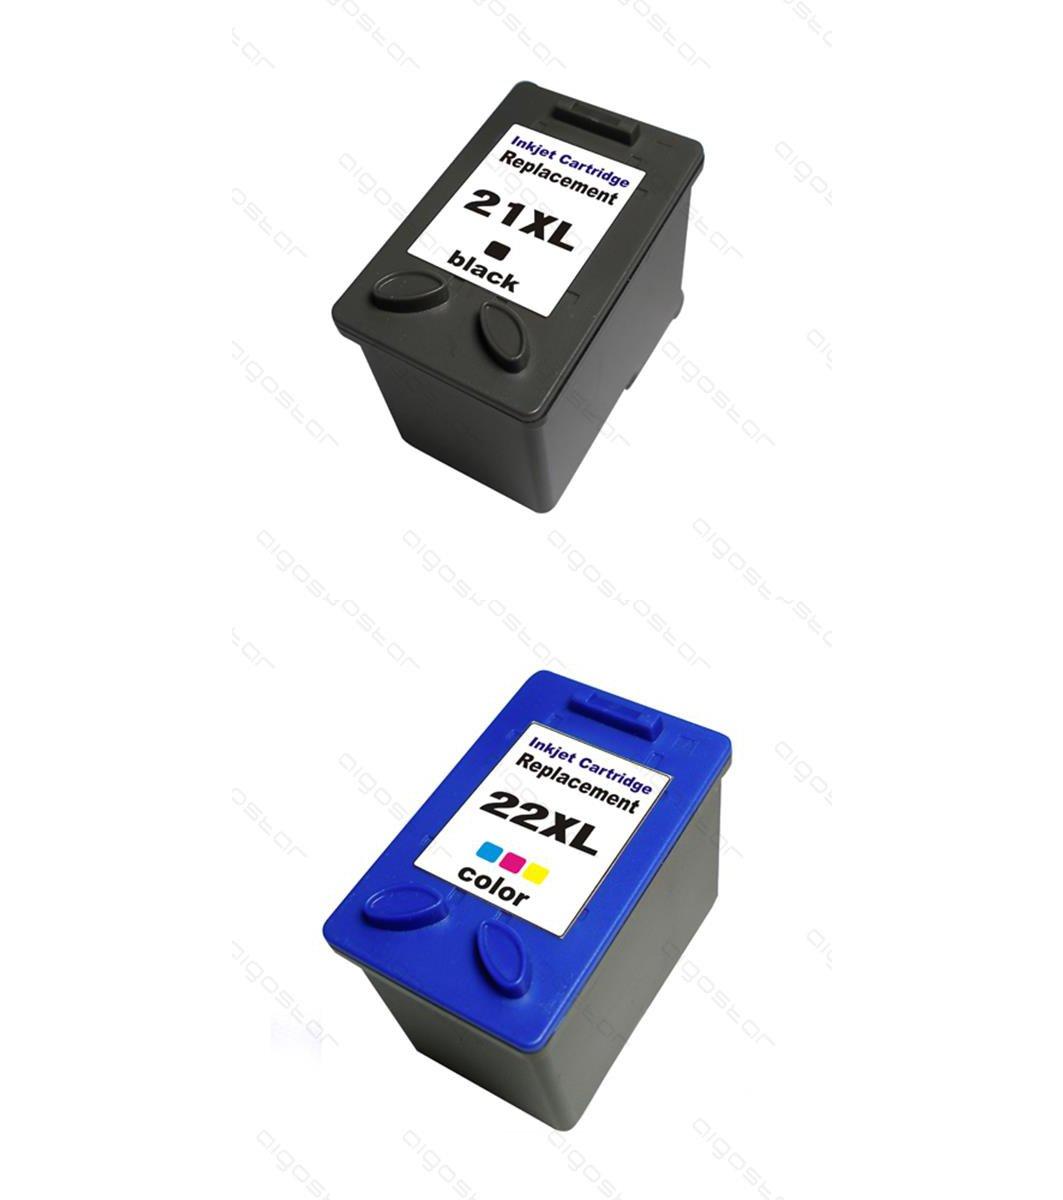 Kit 2 cartuchos compatibles HP 21 X L 22 X L y de inyección ...